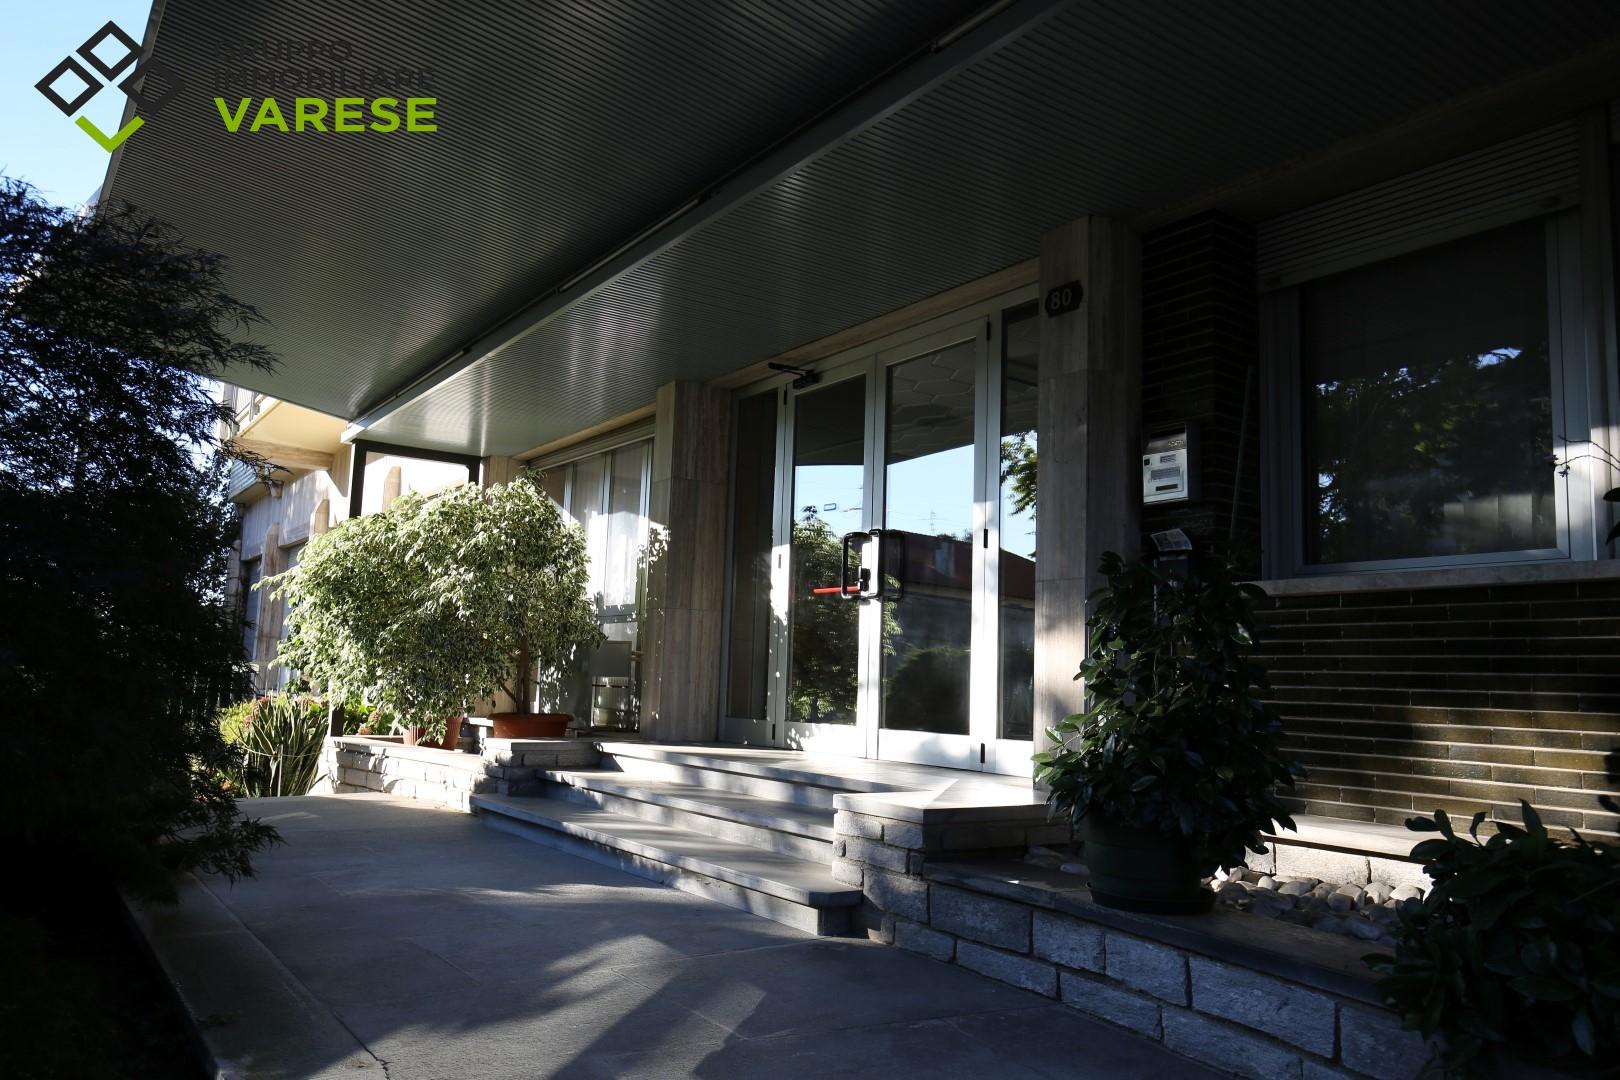 Ufficio / Studio in affitto a Induno Olona, 9999 locali, prezzo € 1.250 | CambioCasa.it